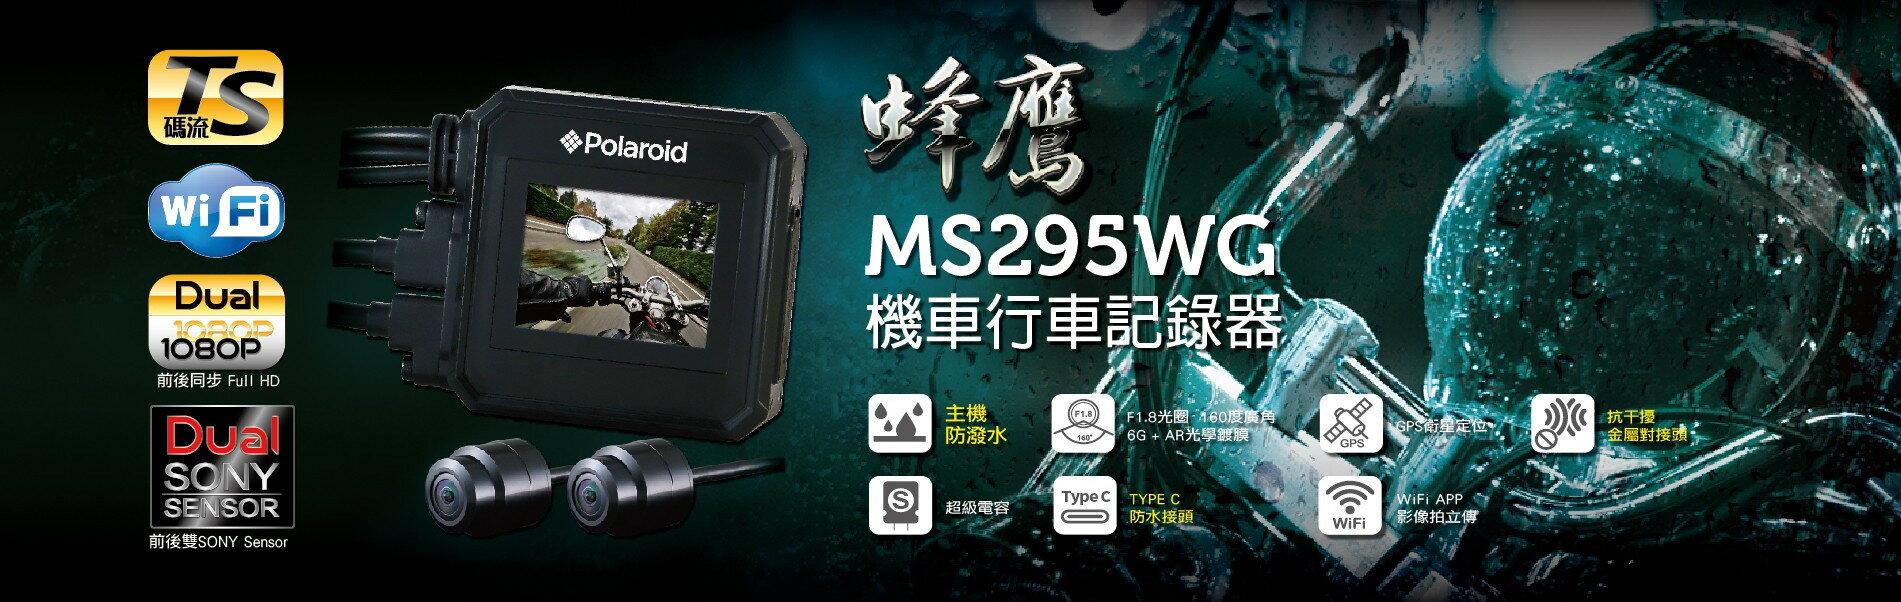 送32G記憶卡『 寶麗萊 Polaroid MS295WG 』前後雙鏡頭機車行車紀錄器/記錄器 WIFI APP 160度廣角 F1.8光圈/GPS/IP67防水